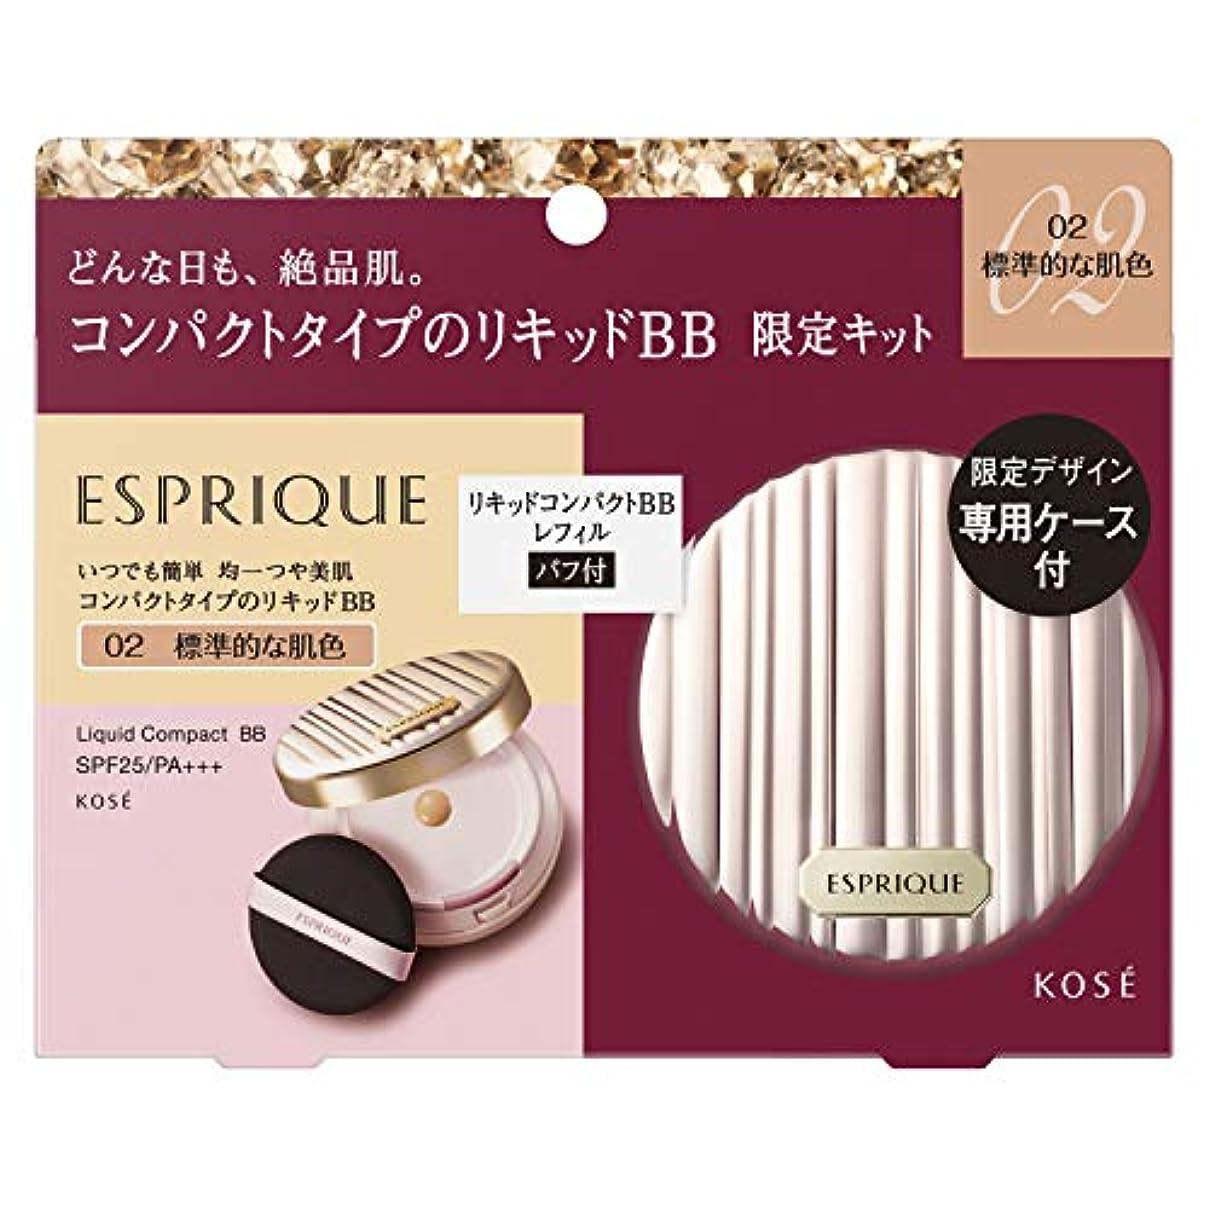 復活する滞在同級生ESPRIQUE(エスプリーク) エスプリーク リキッド コンパクト BB 限定キット 2 BBクリーム 02 標準的な肌色 セット 13g+ケース付き